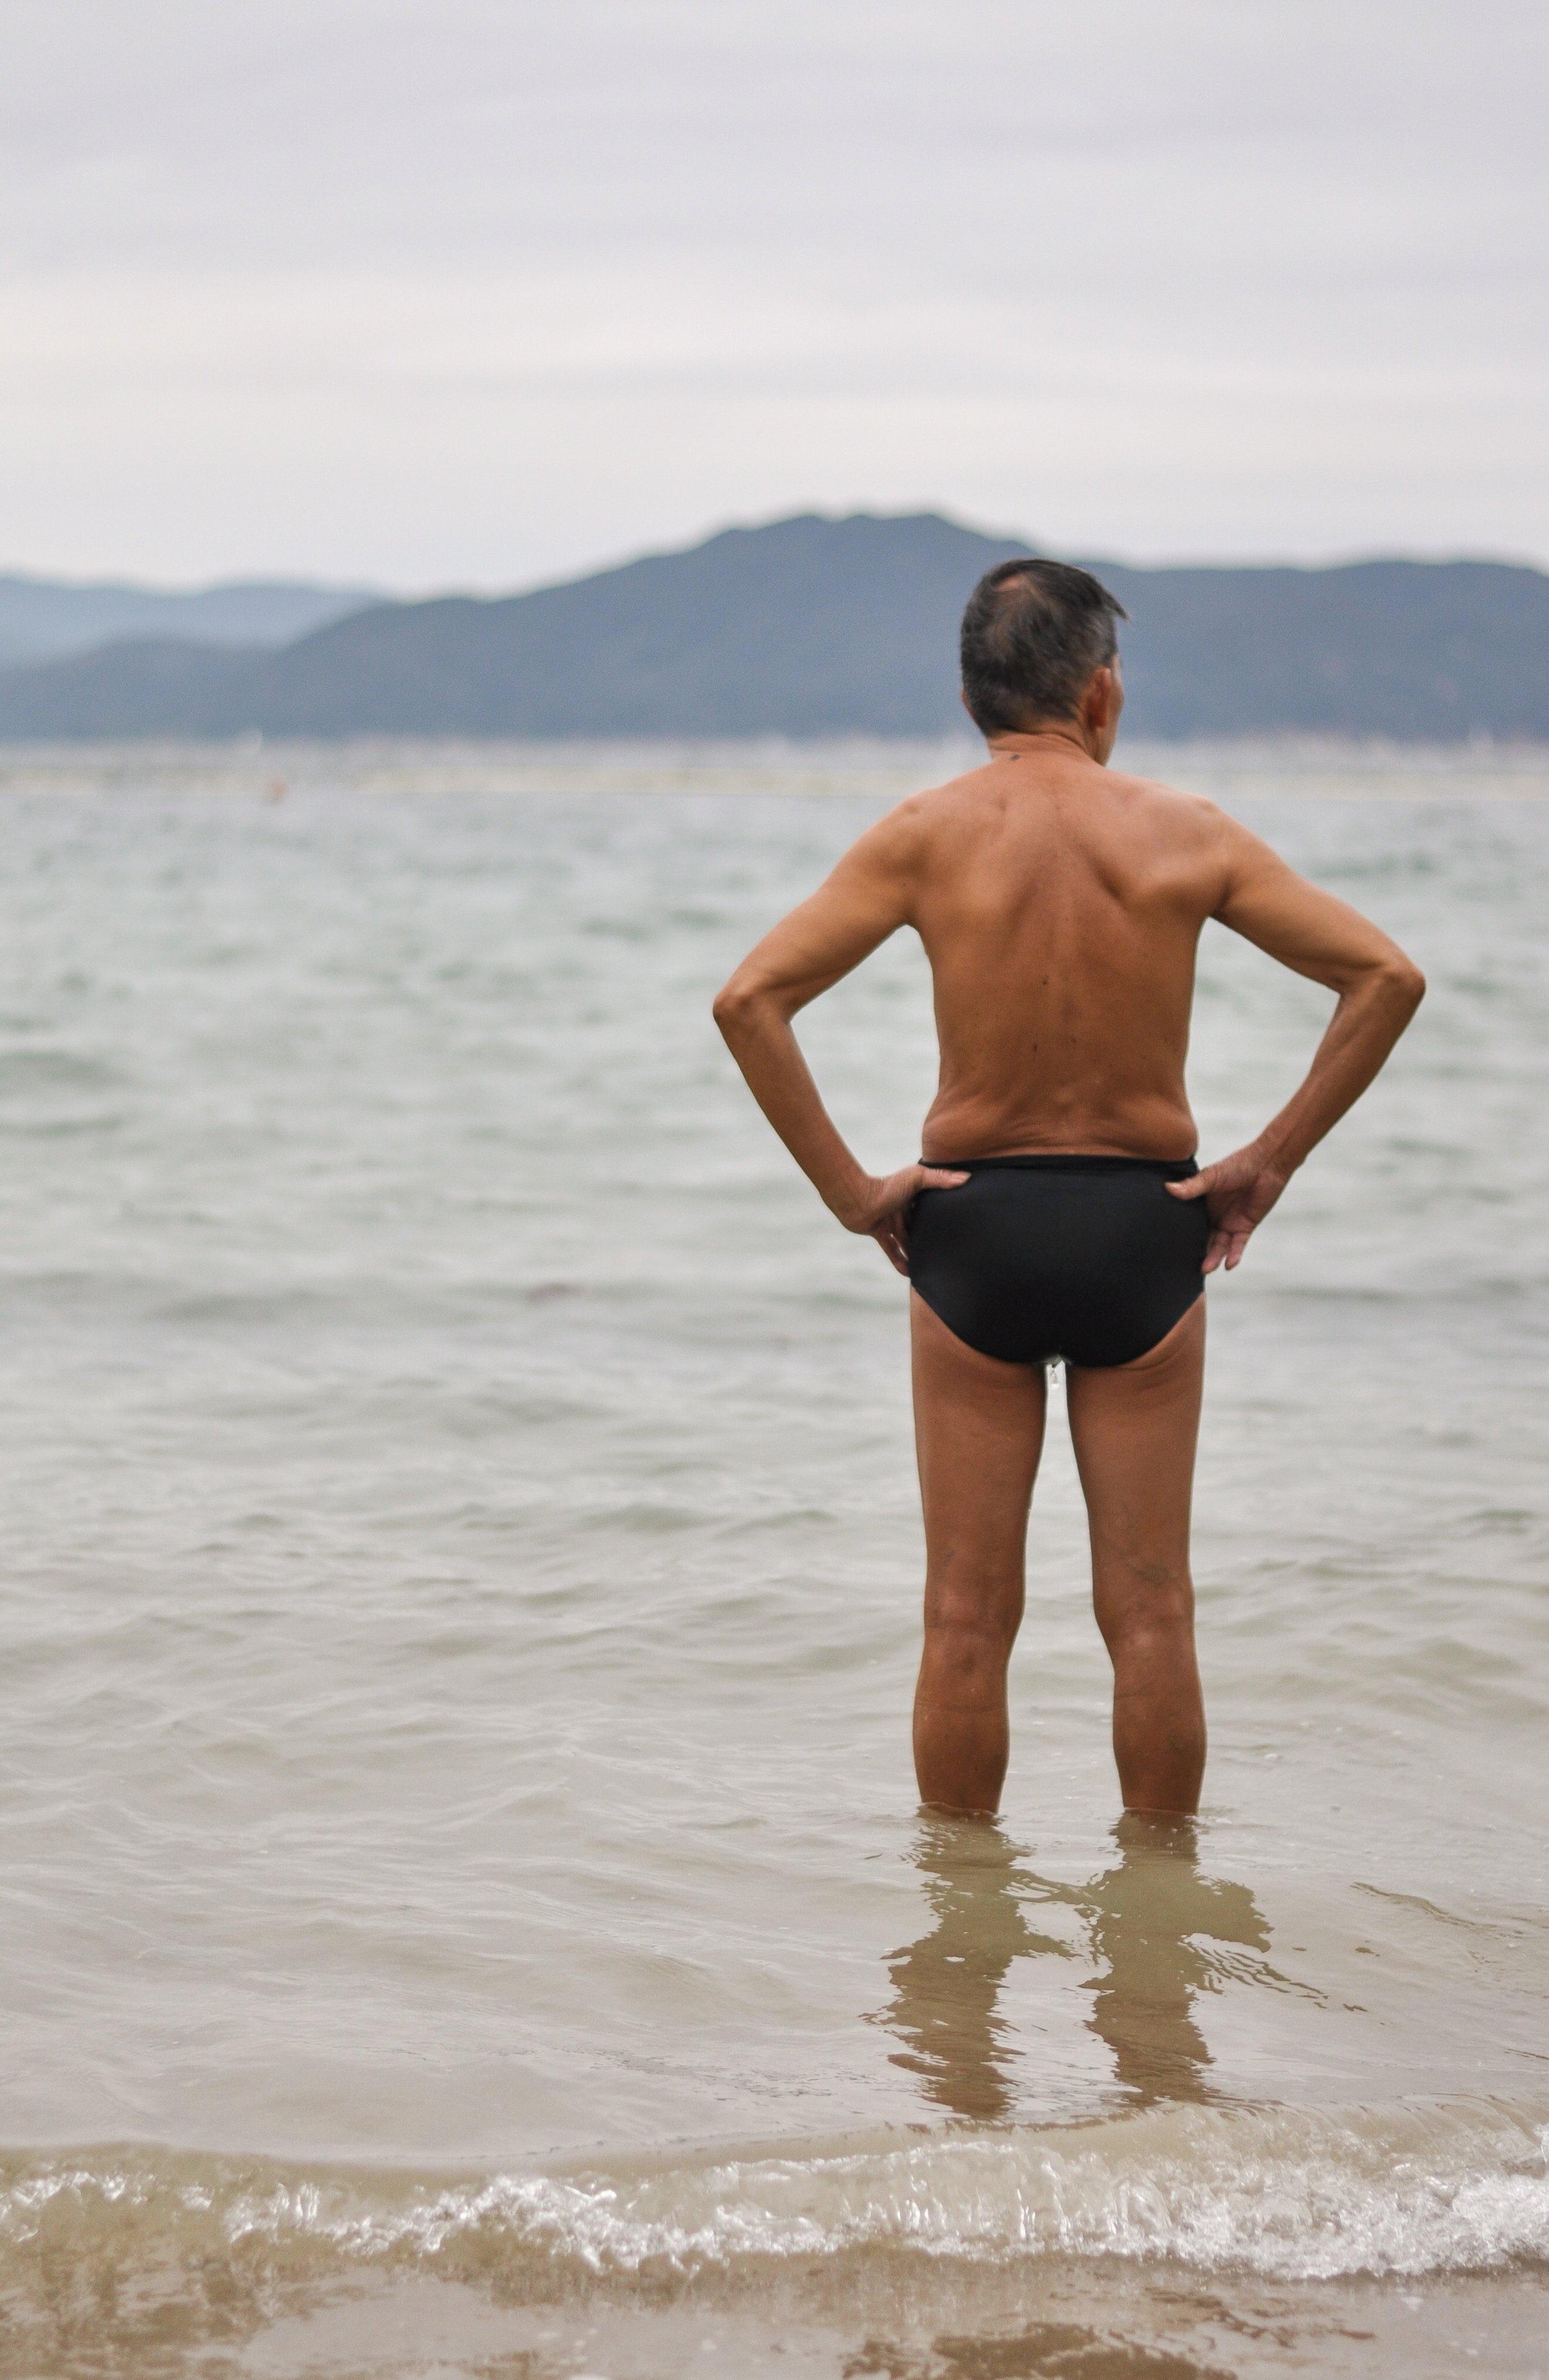 newswimmerwebsite.jpg